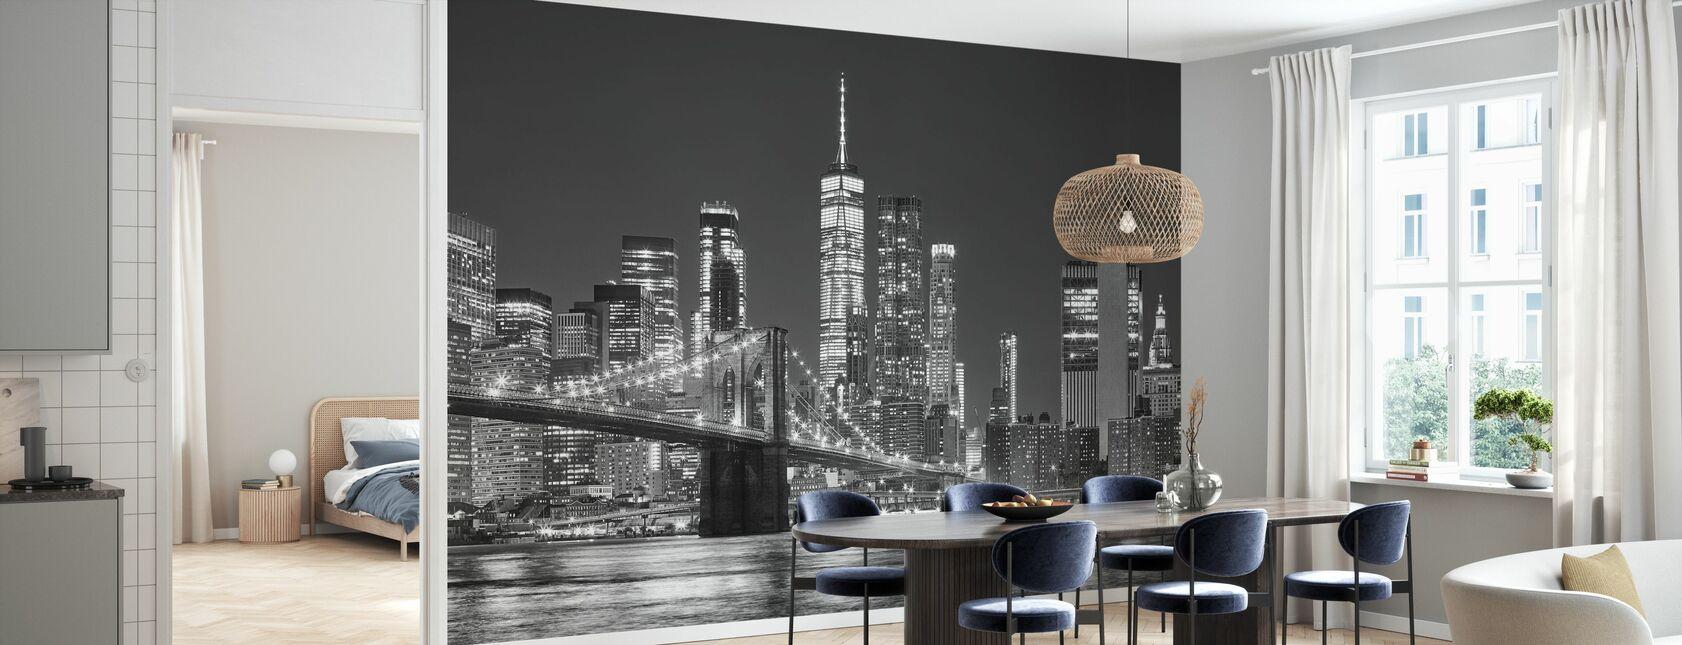 Manhattan Skyline bij nacht - Behang - Keuken